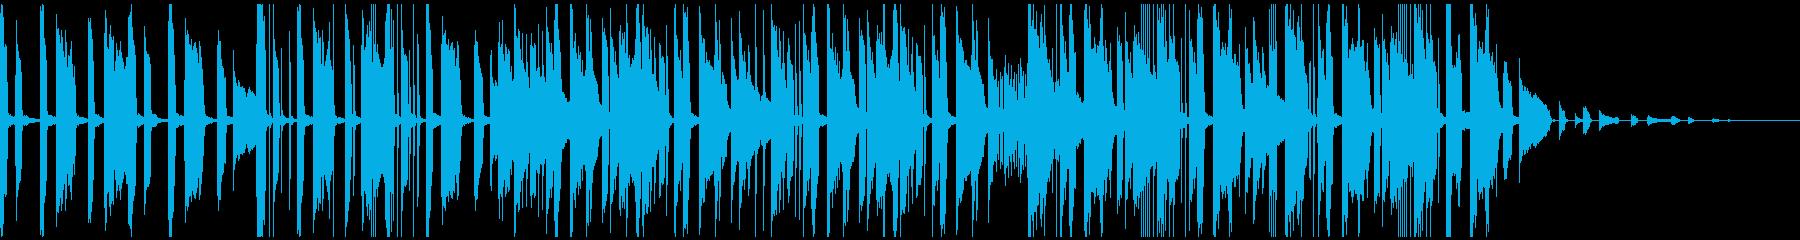 電子ピアノのクリアなモダンエレクトロの再生済みの波形